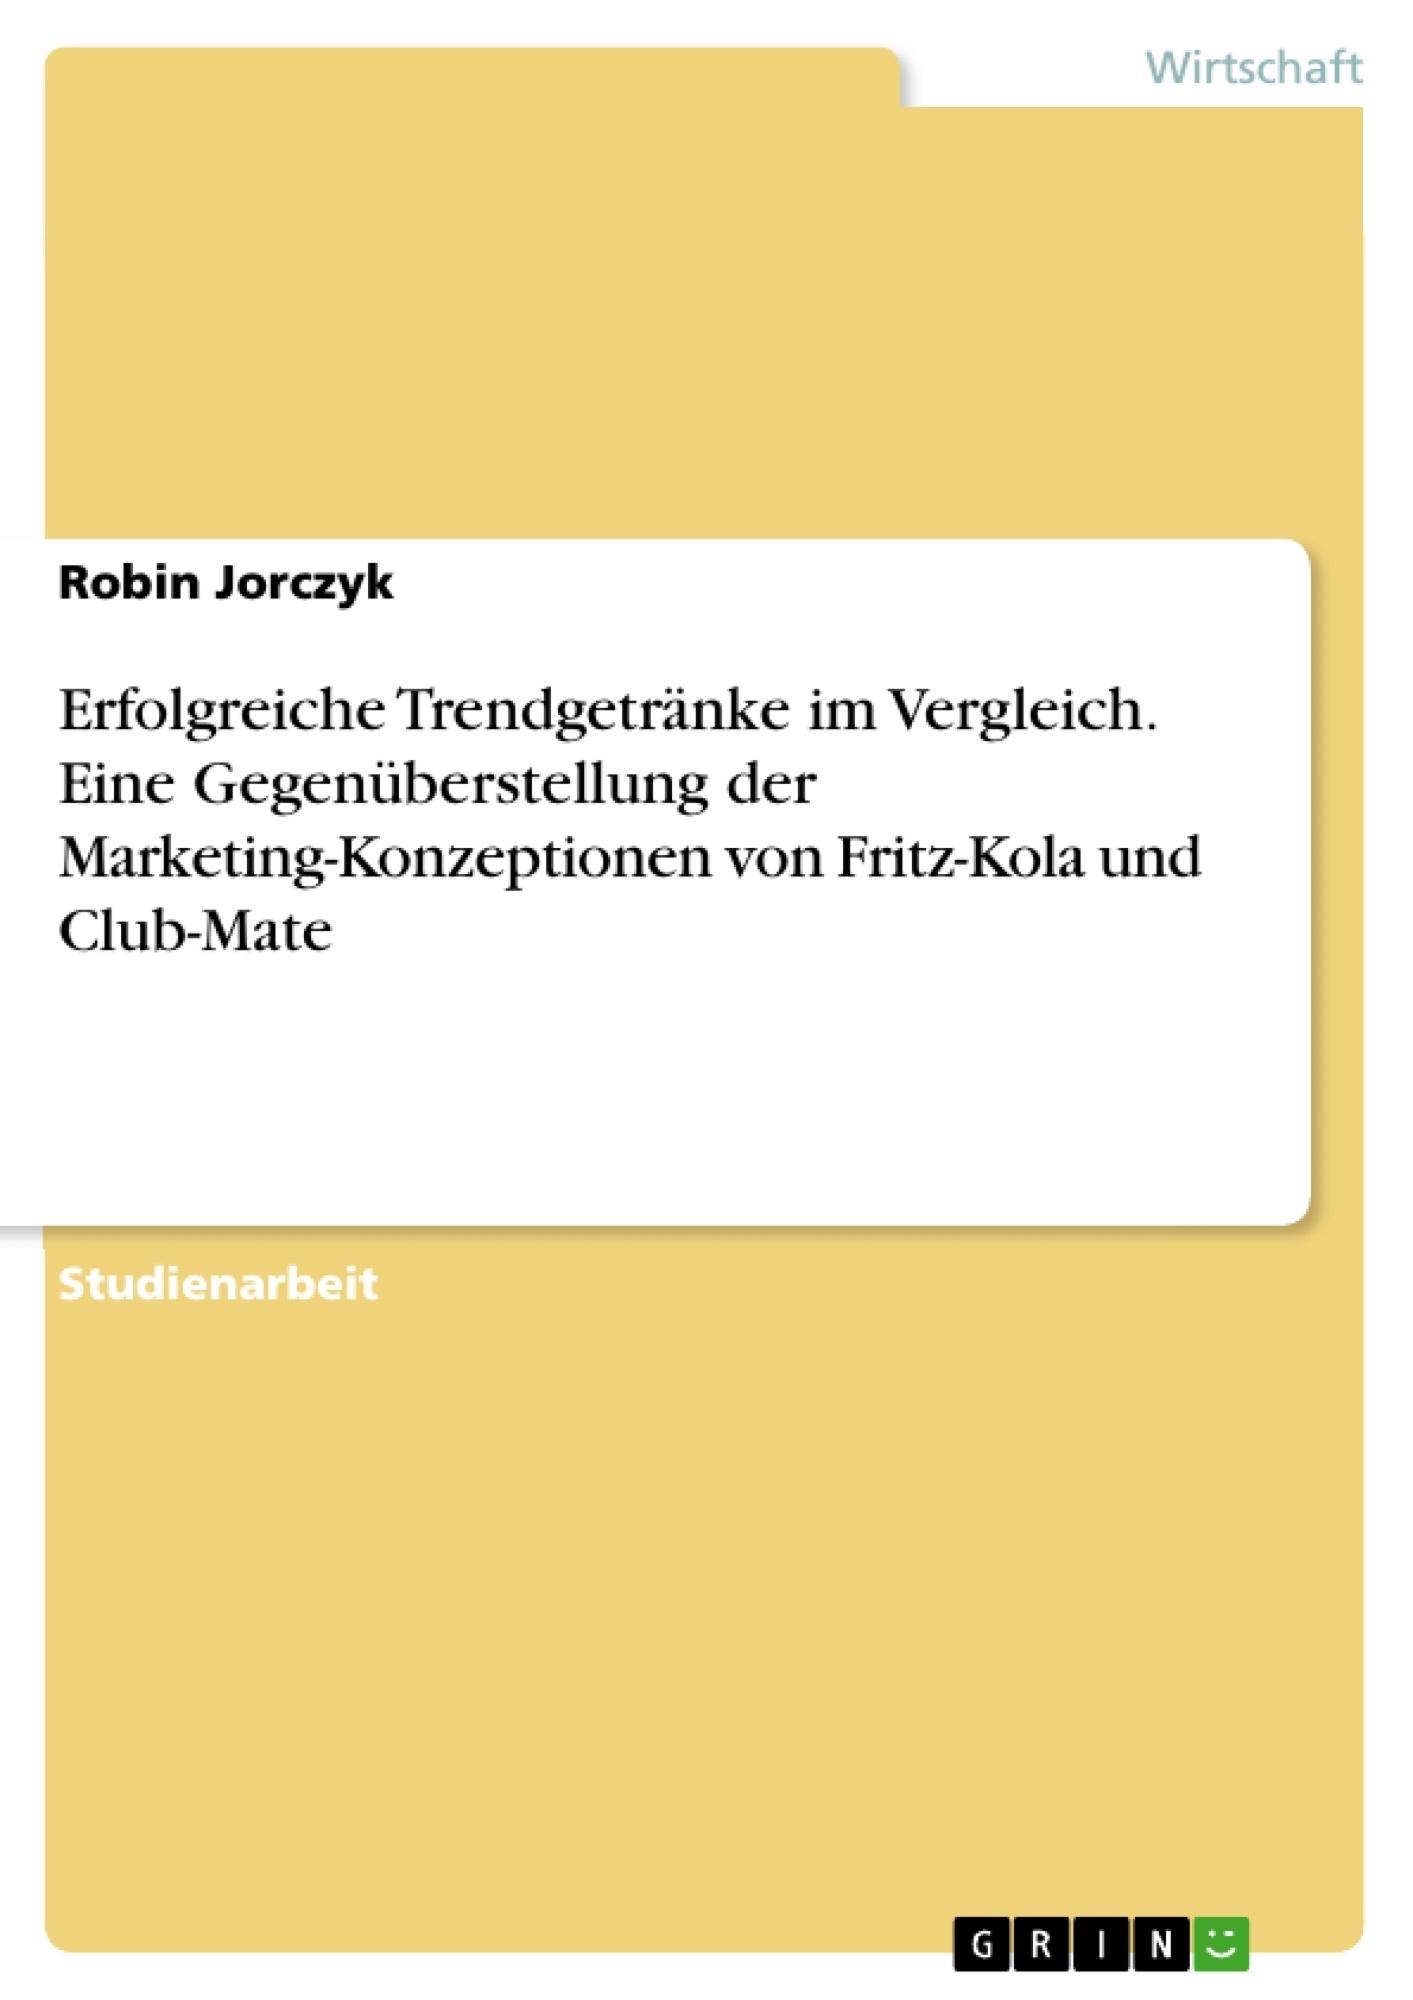 Titel: Erfolgreiche Trendgetränke im Vergleich. Eine Gegenüberstellung der Marketing-Konzeptionen von Fritz-Kola und Club-Mate